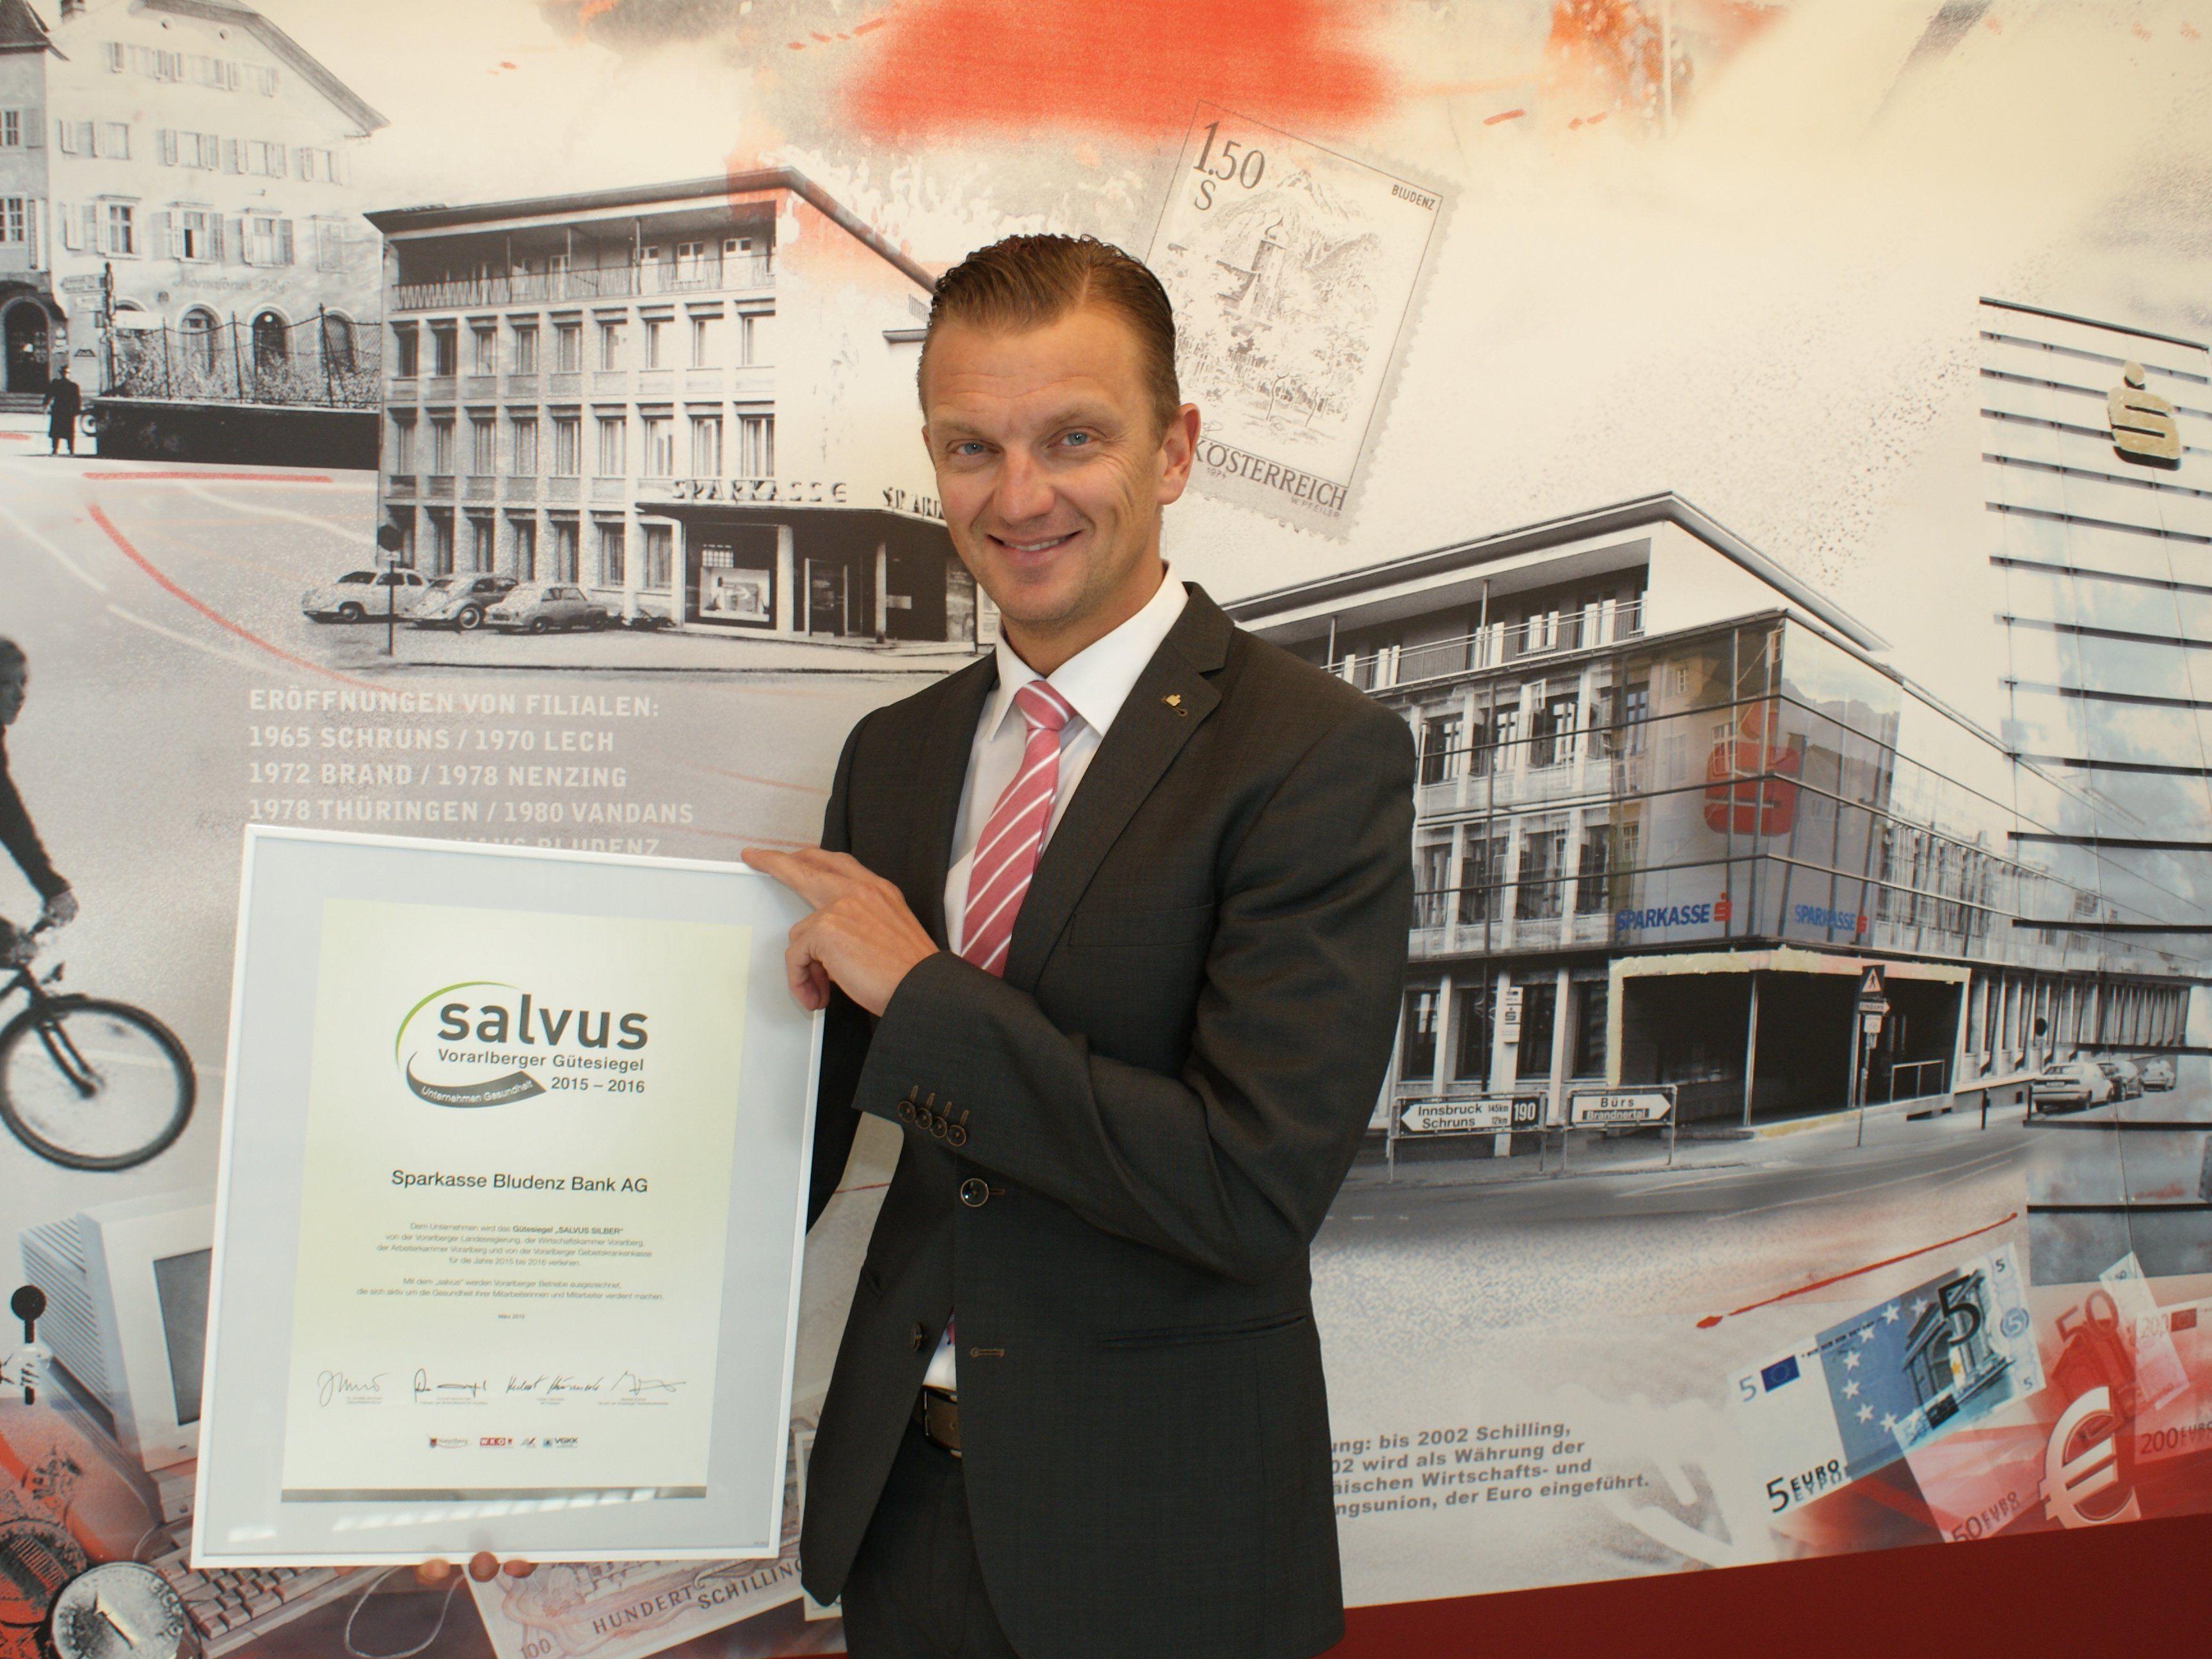 Sparkasse Bludenz-Vorstandsdirektor Wolfgang Eichler nahm die salvus-Auszeichnung stellvertretend für die Mitarbeiterschaft entgegen.